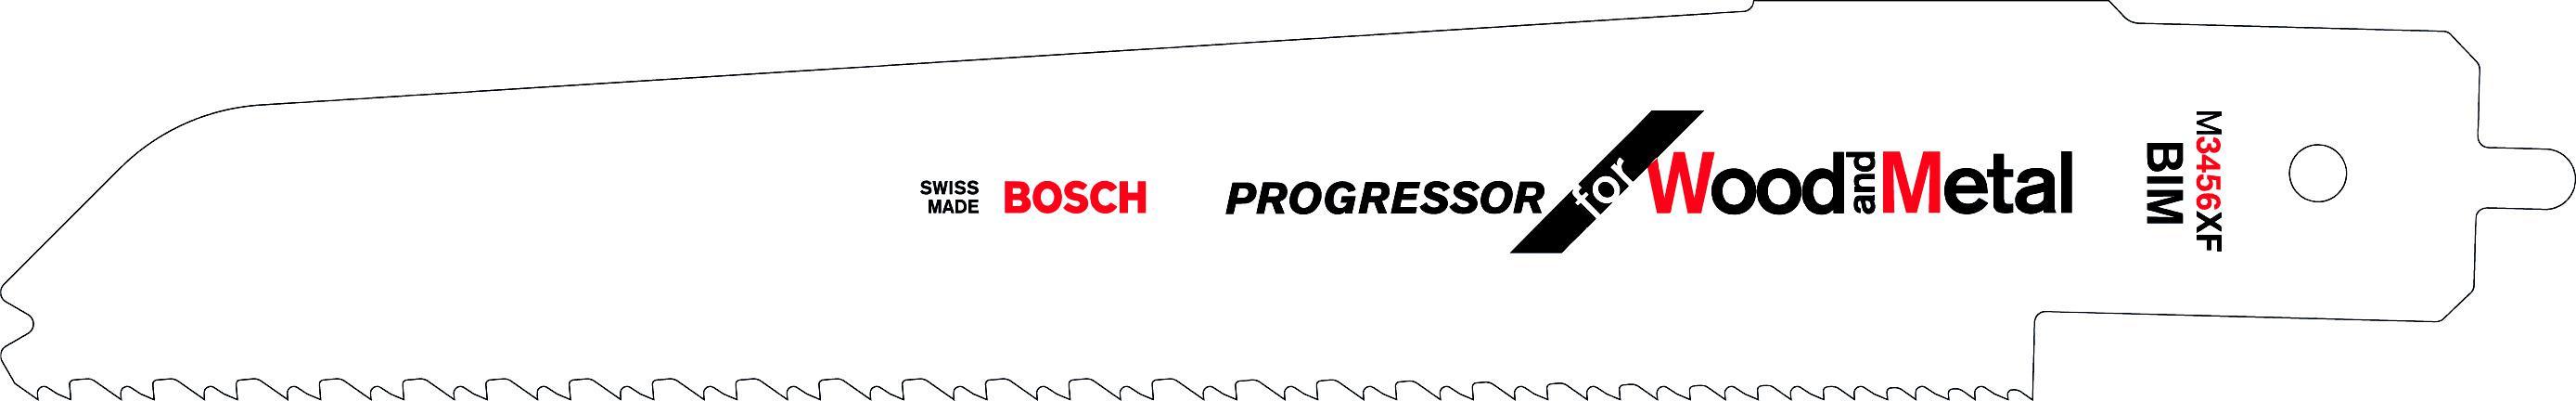 Полотно для сабельной пилы Bosch M 3456 xf (2.608.656.931)